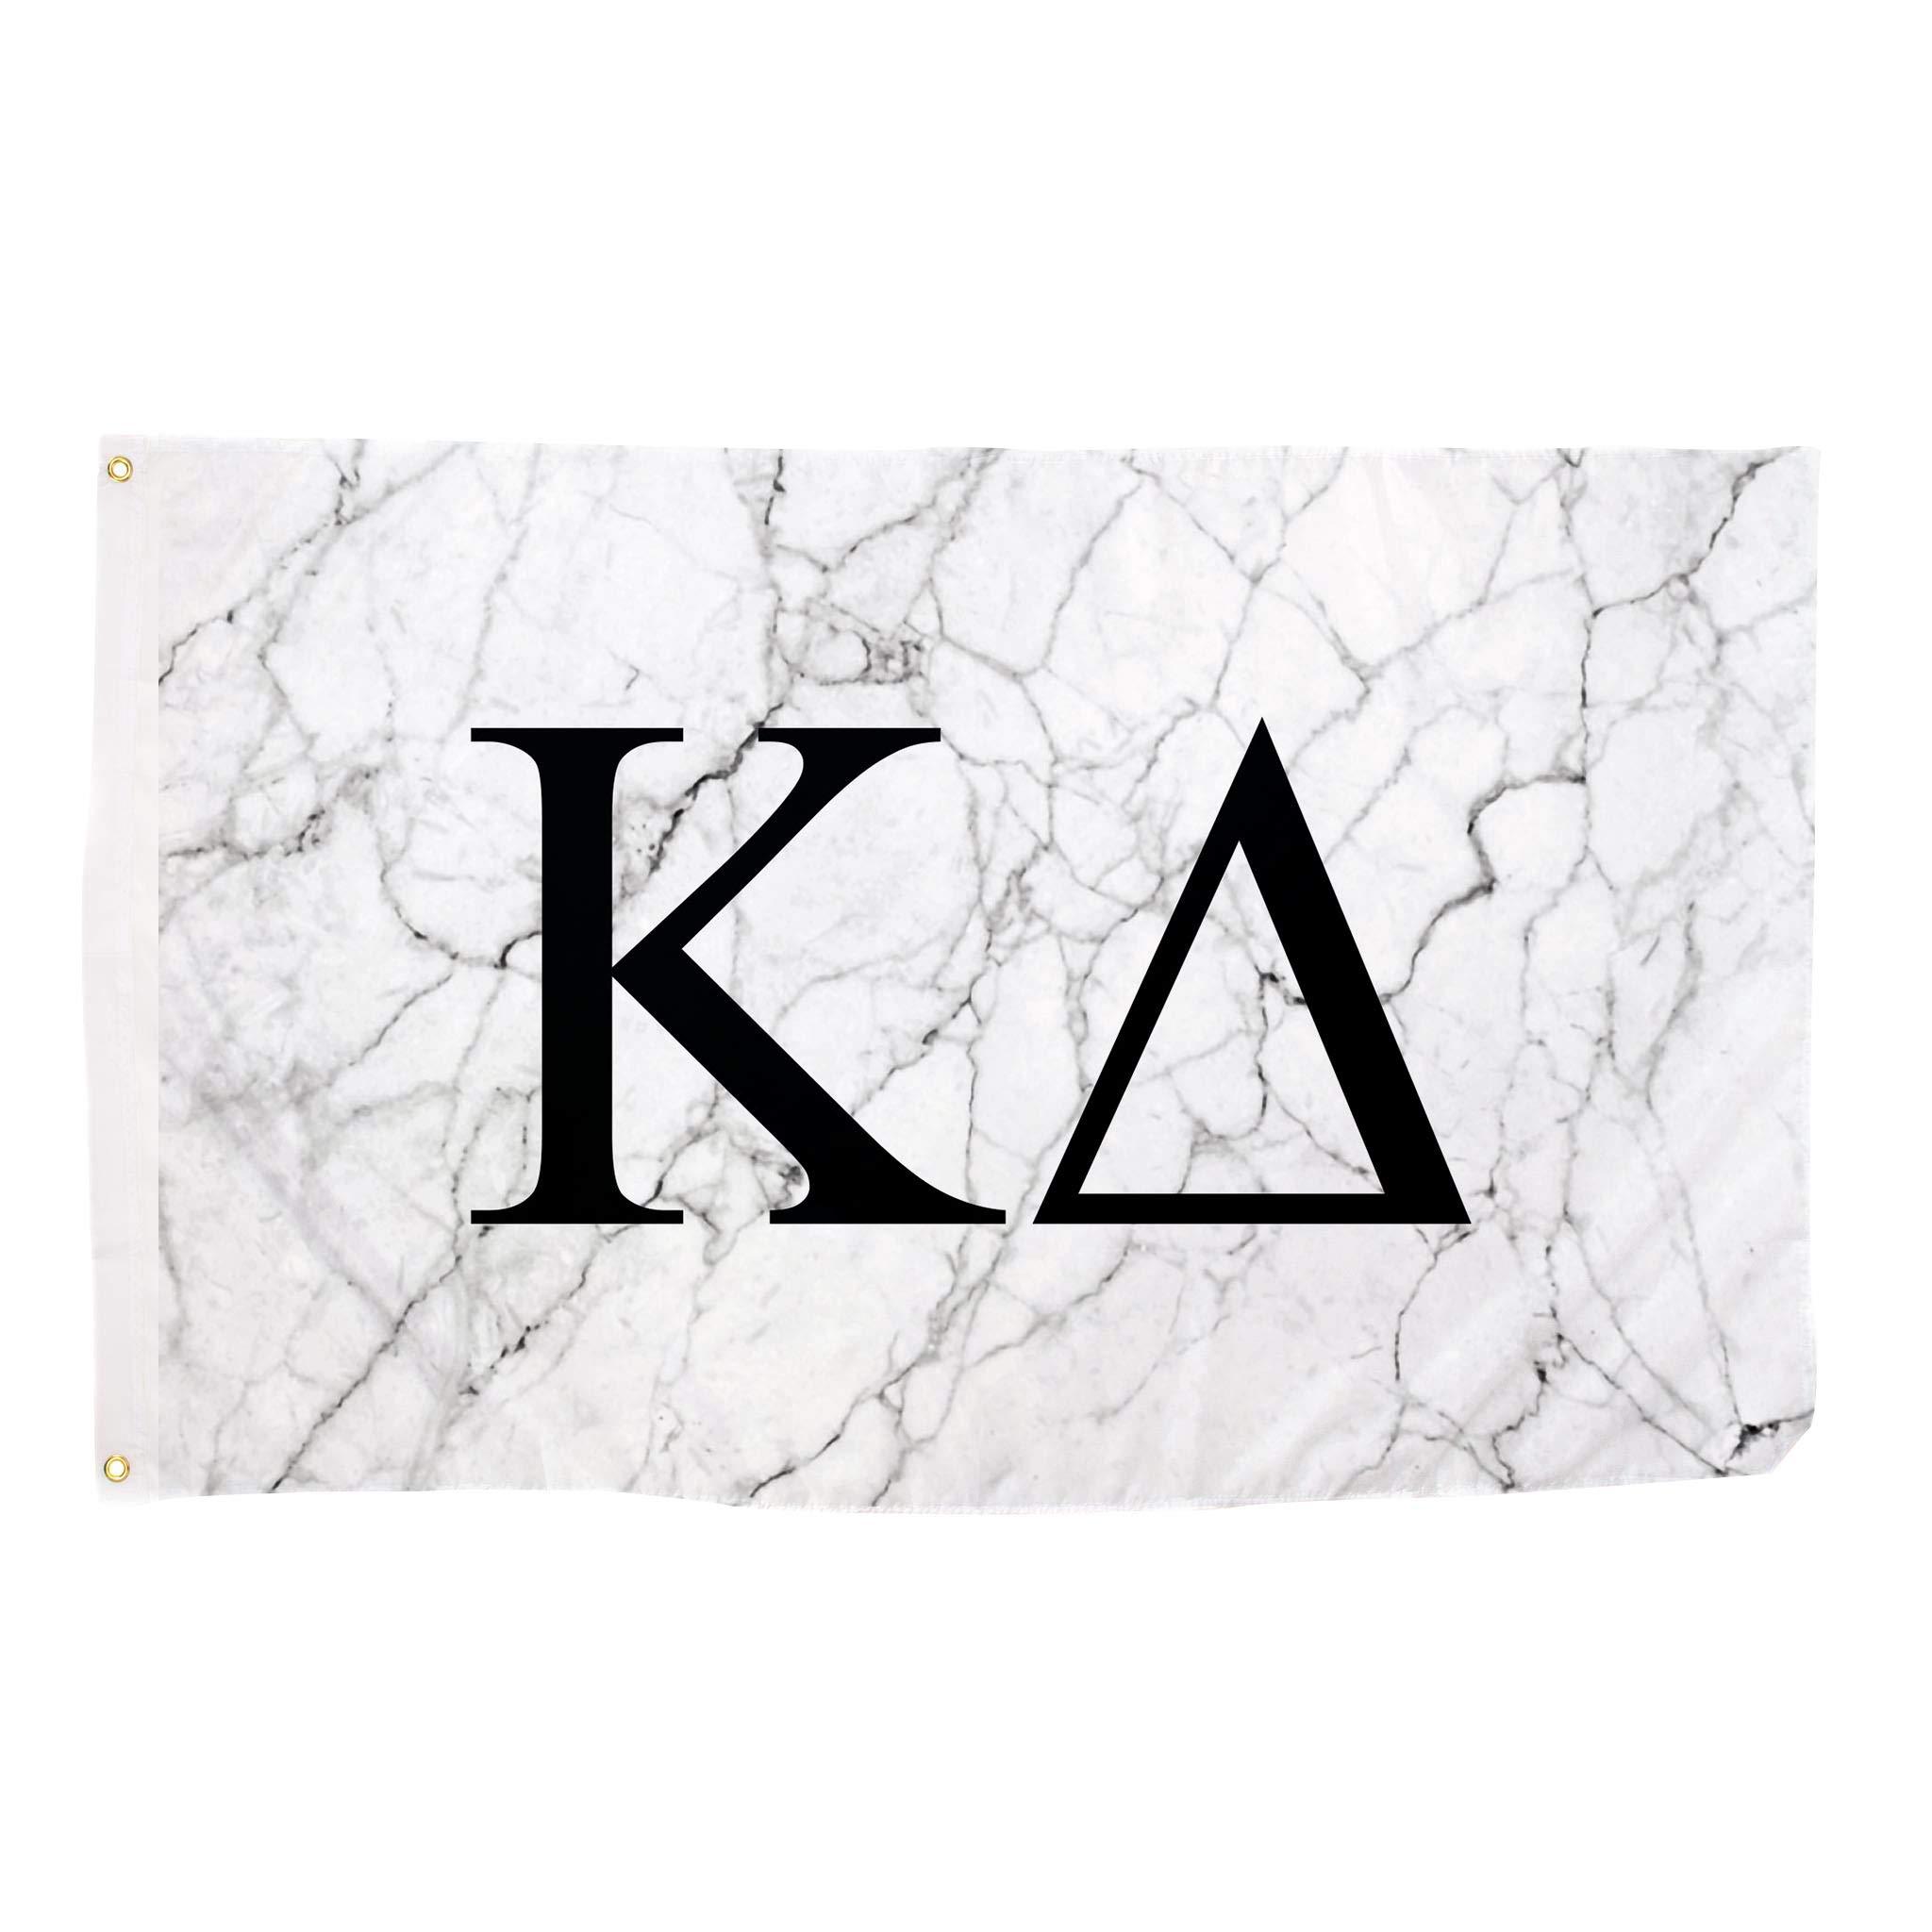 Kappa Delta Light Marble Sorority Letter Flag Banner 3 x 5 Sign Decor KD